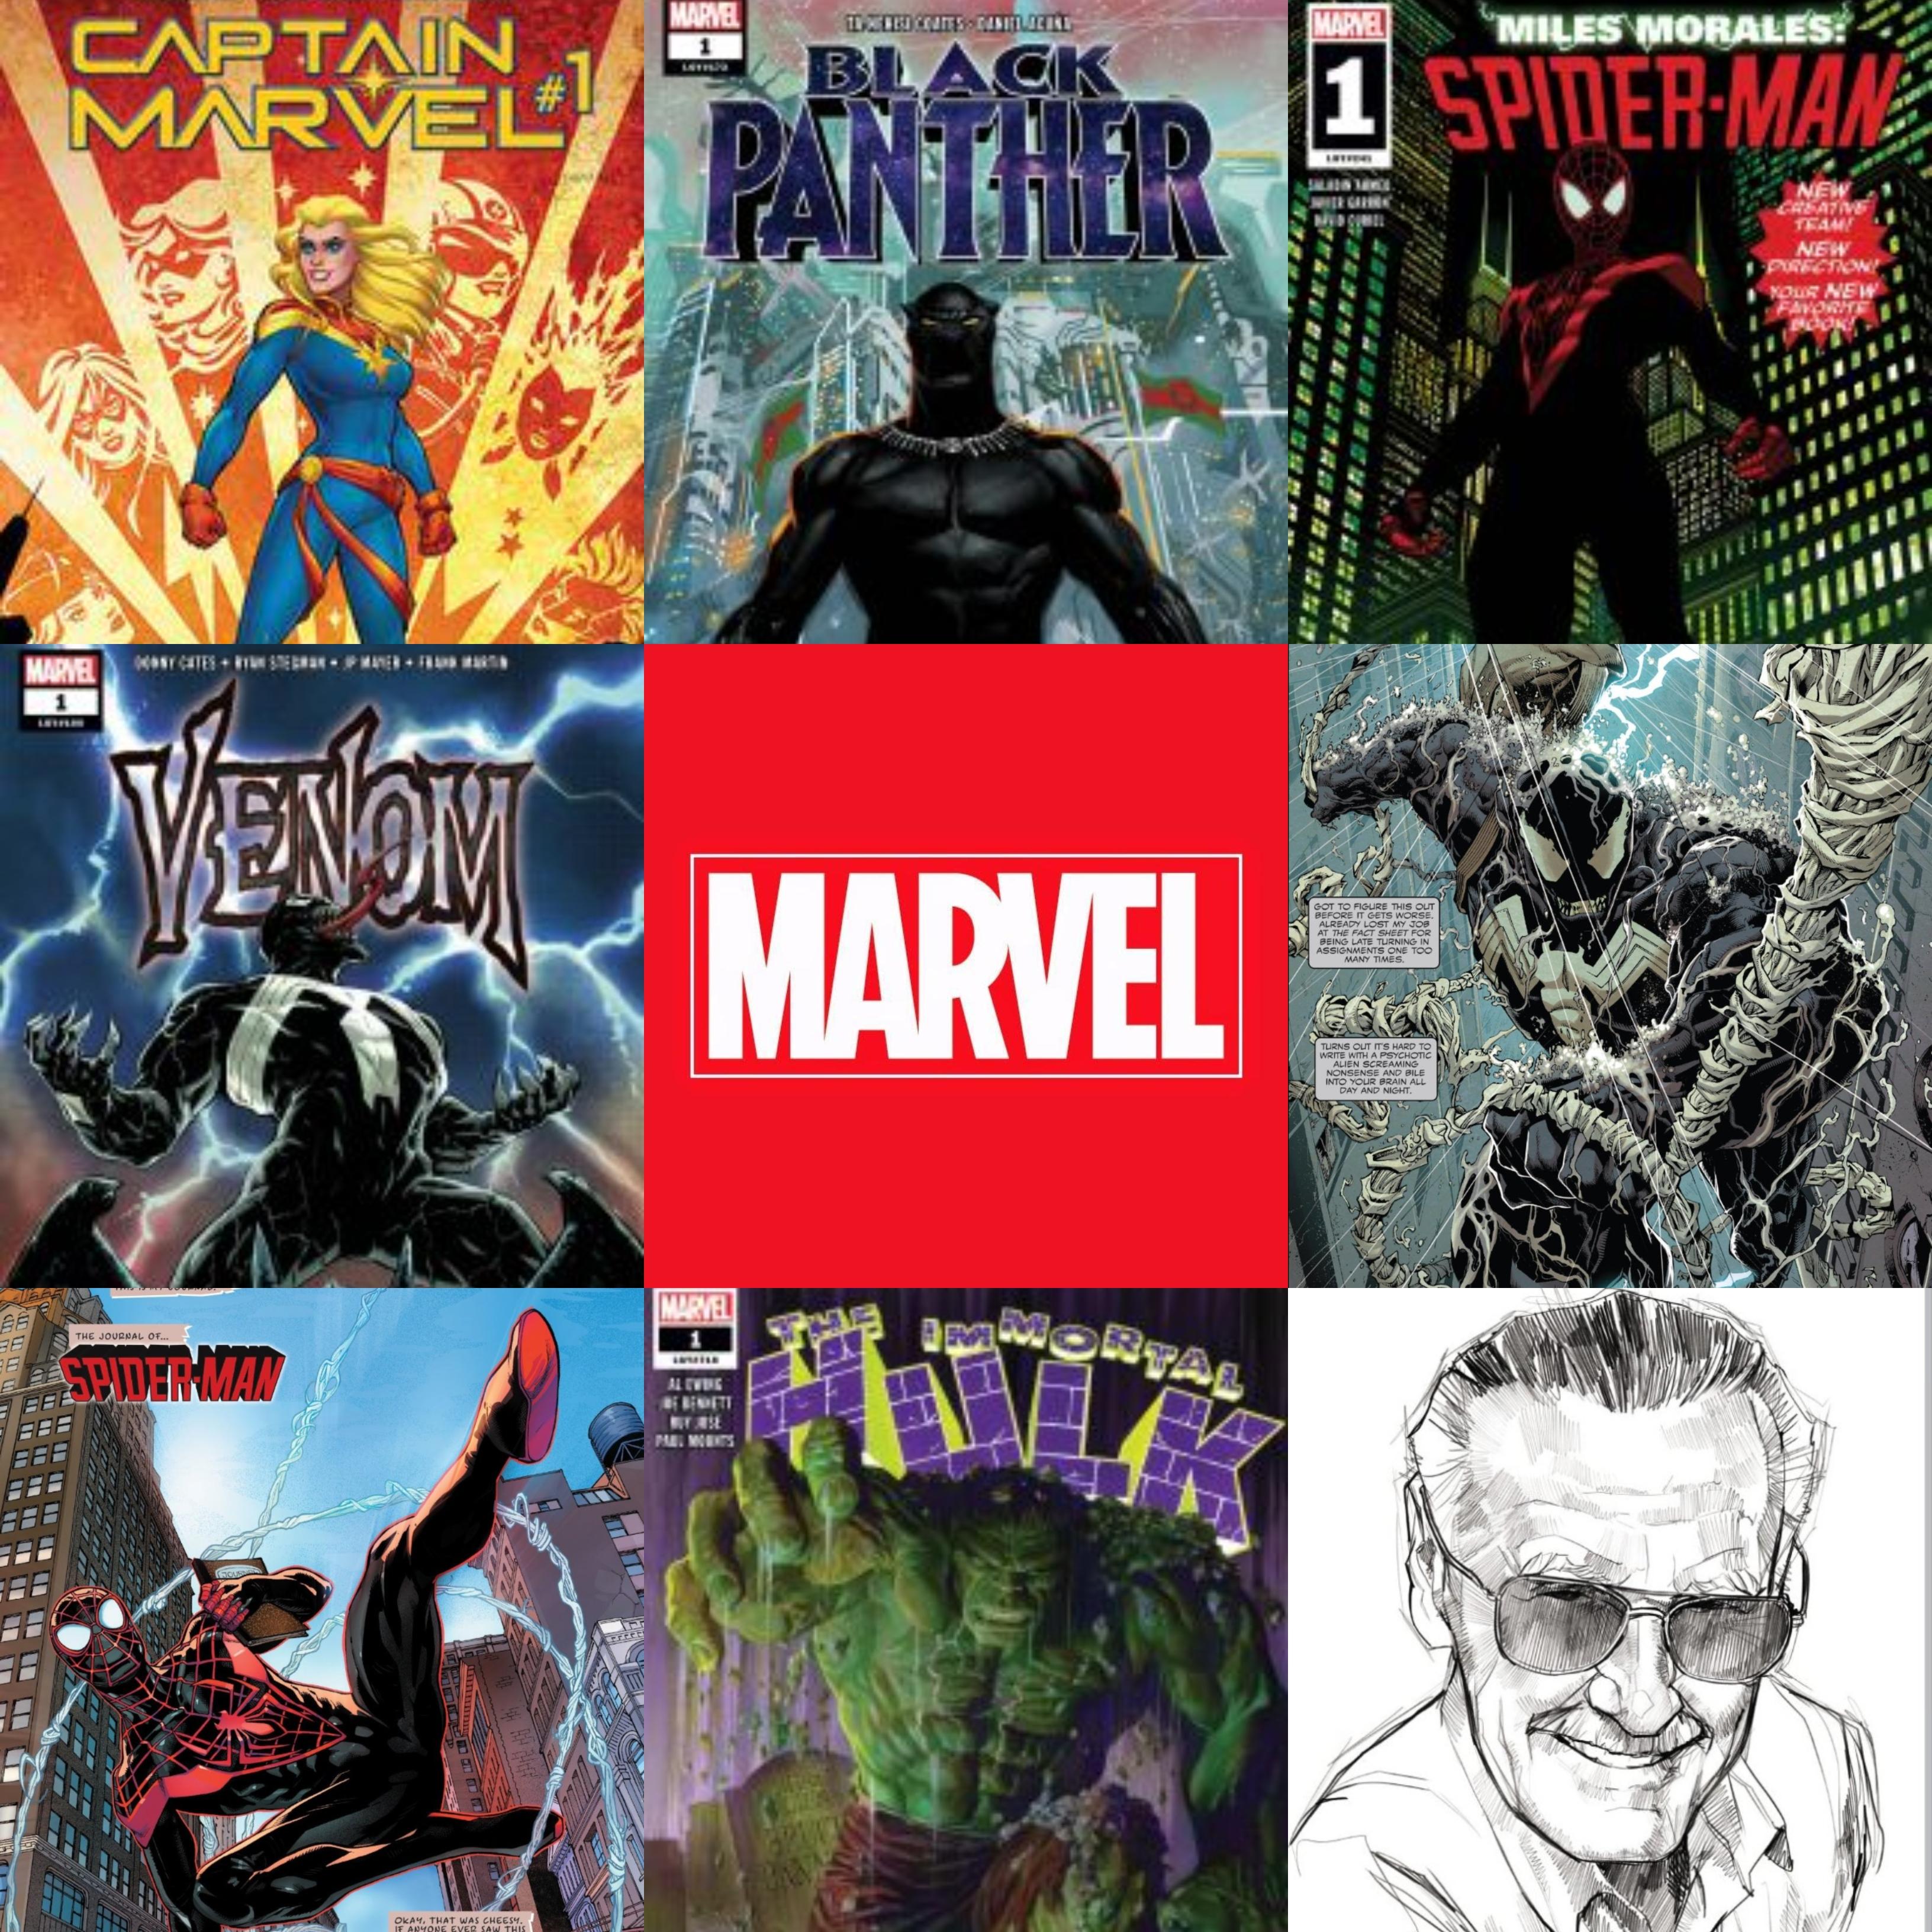 Gratis 5 cómics: Venom, Black Panther, Immortal Hulk, Spider-Man y Captain Marvel (Marvell)